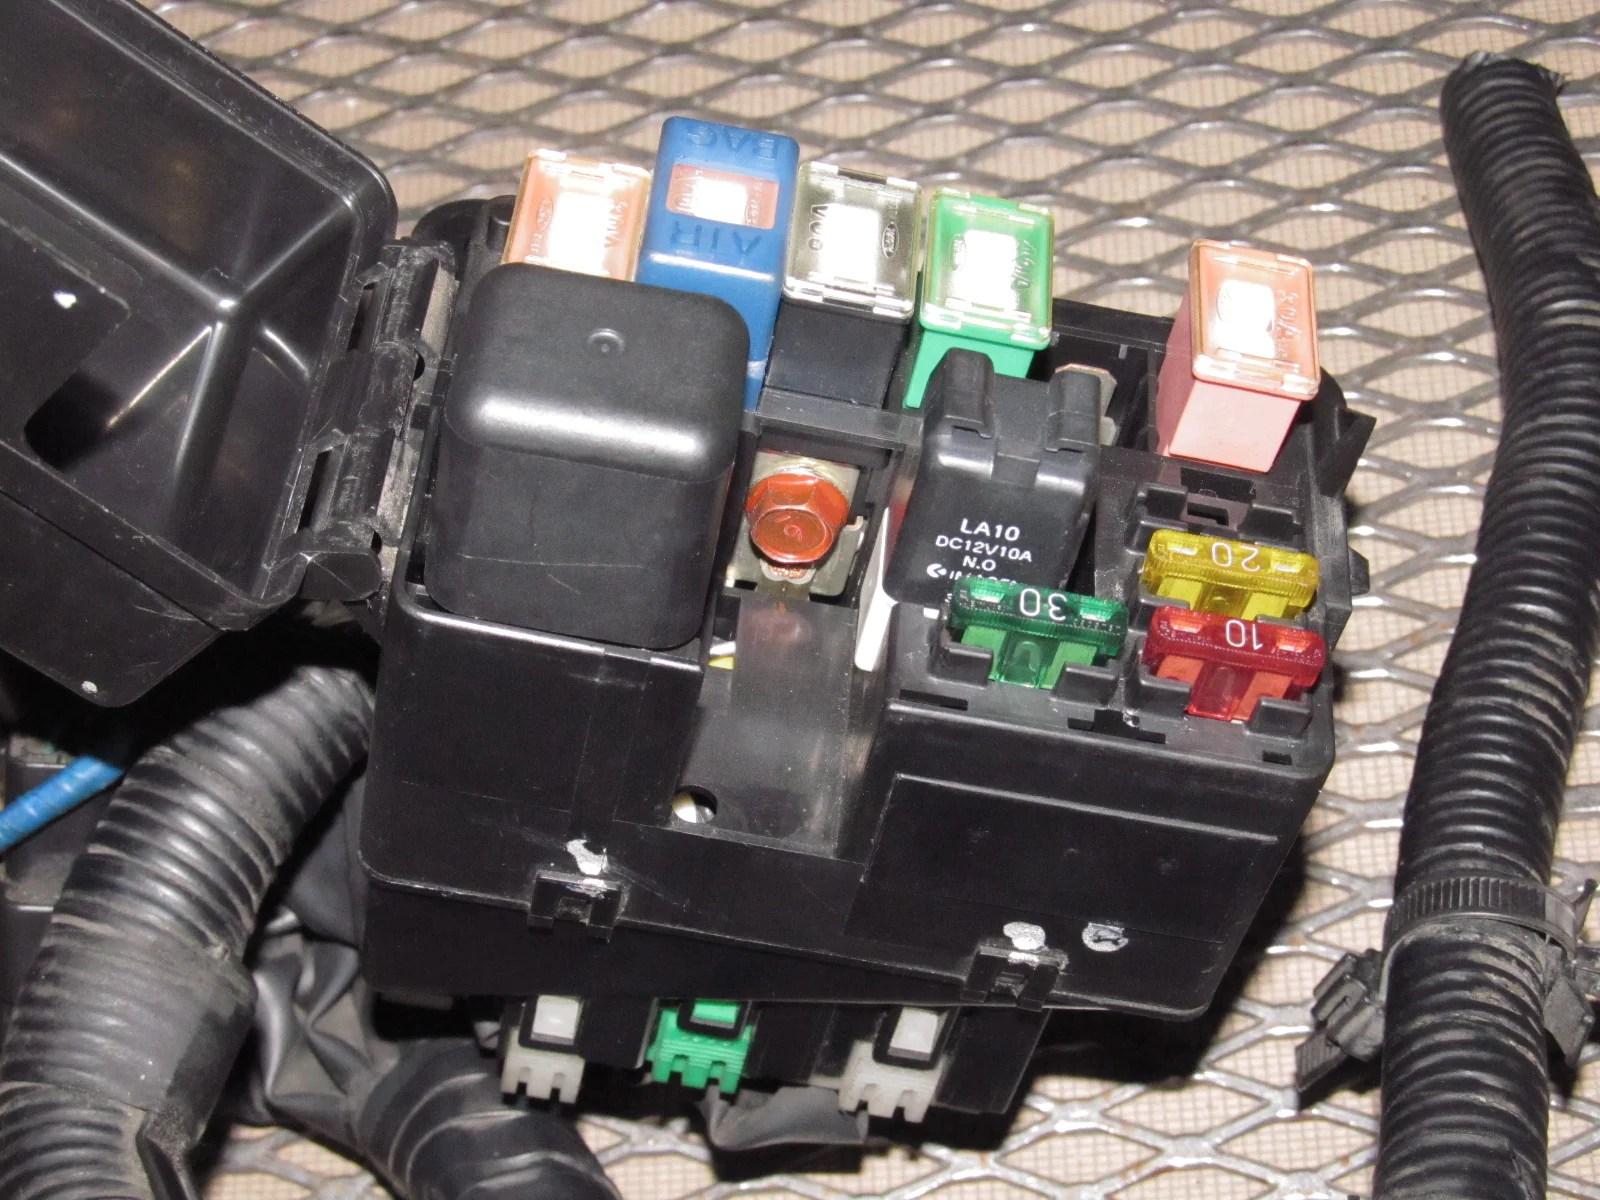 95 miatum fuse box [ 1600 x 1200 Pixel ]